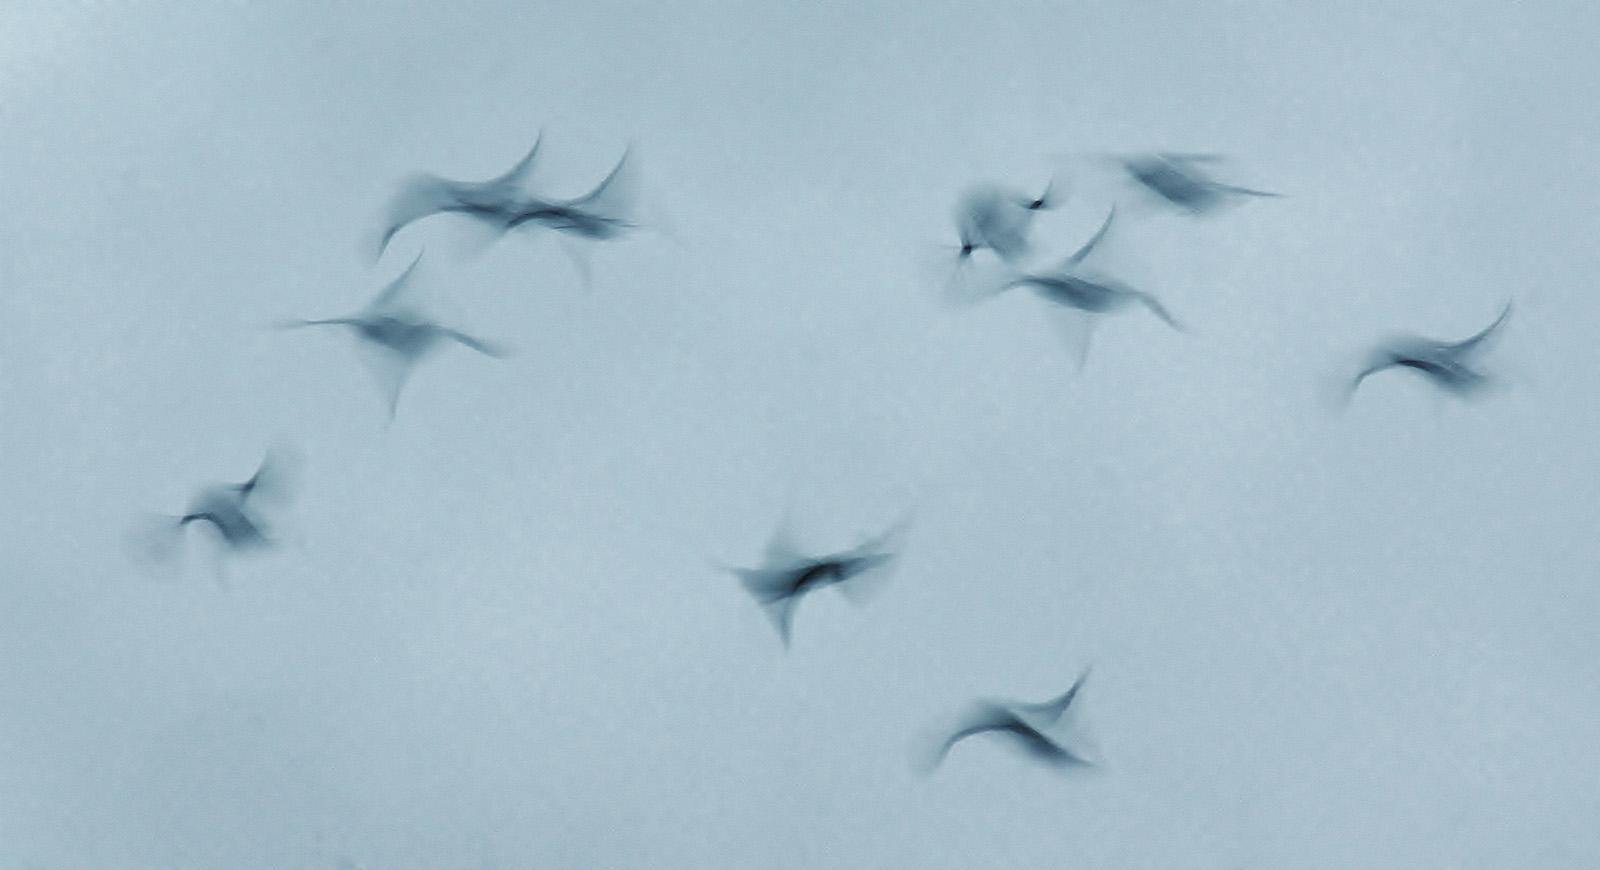 Starlings.JPG.jpg